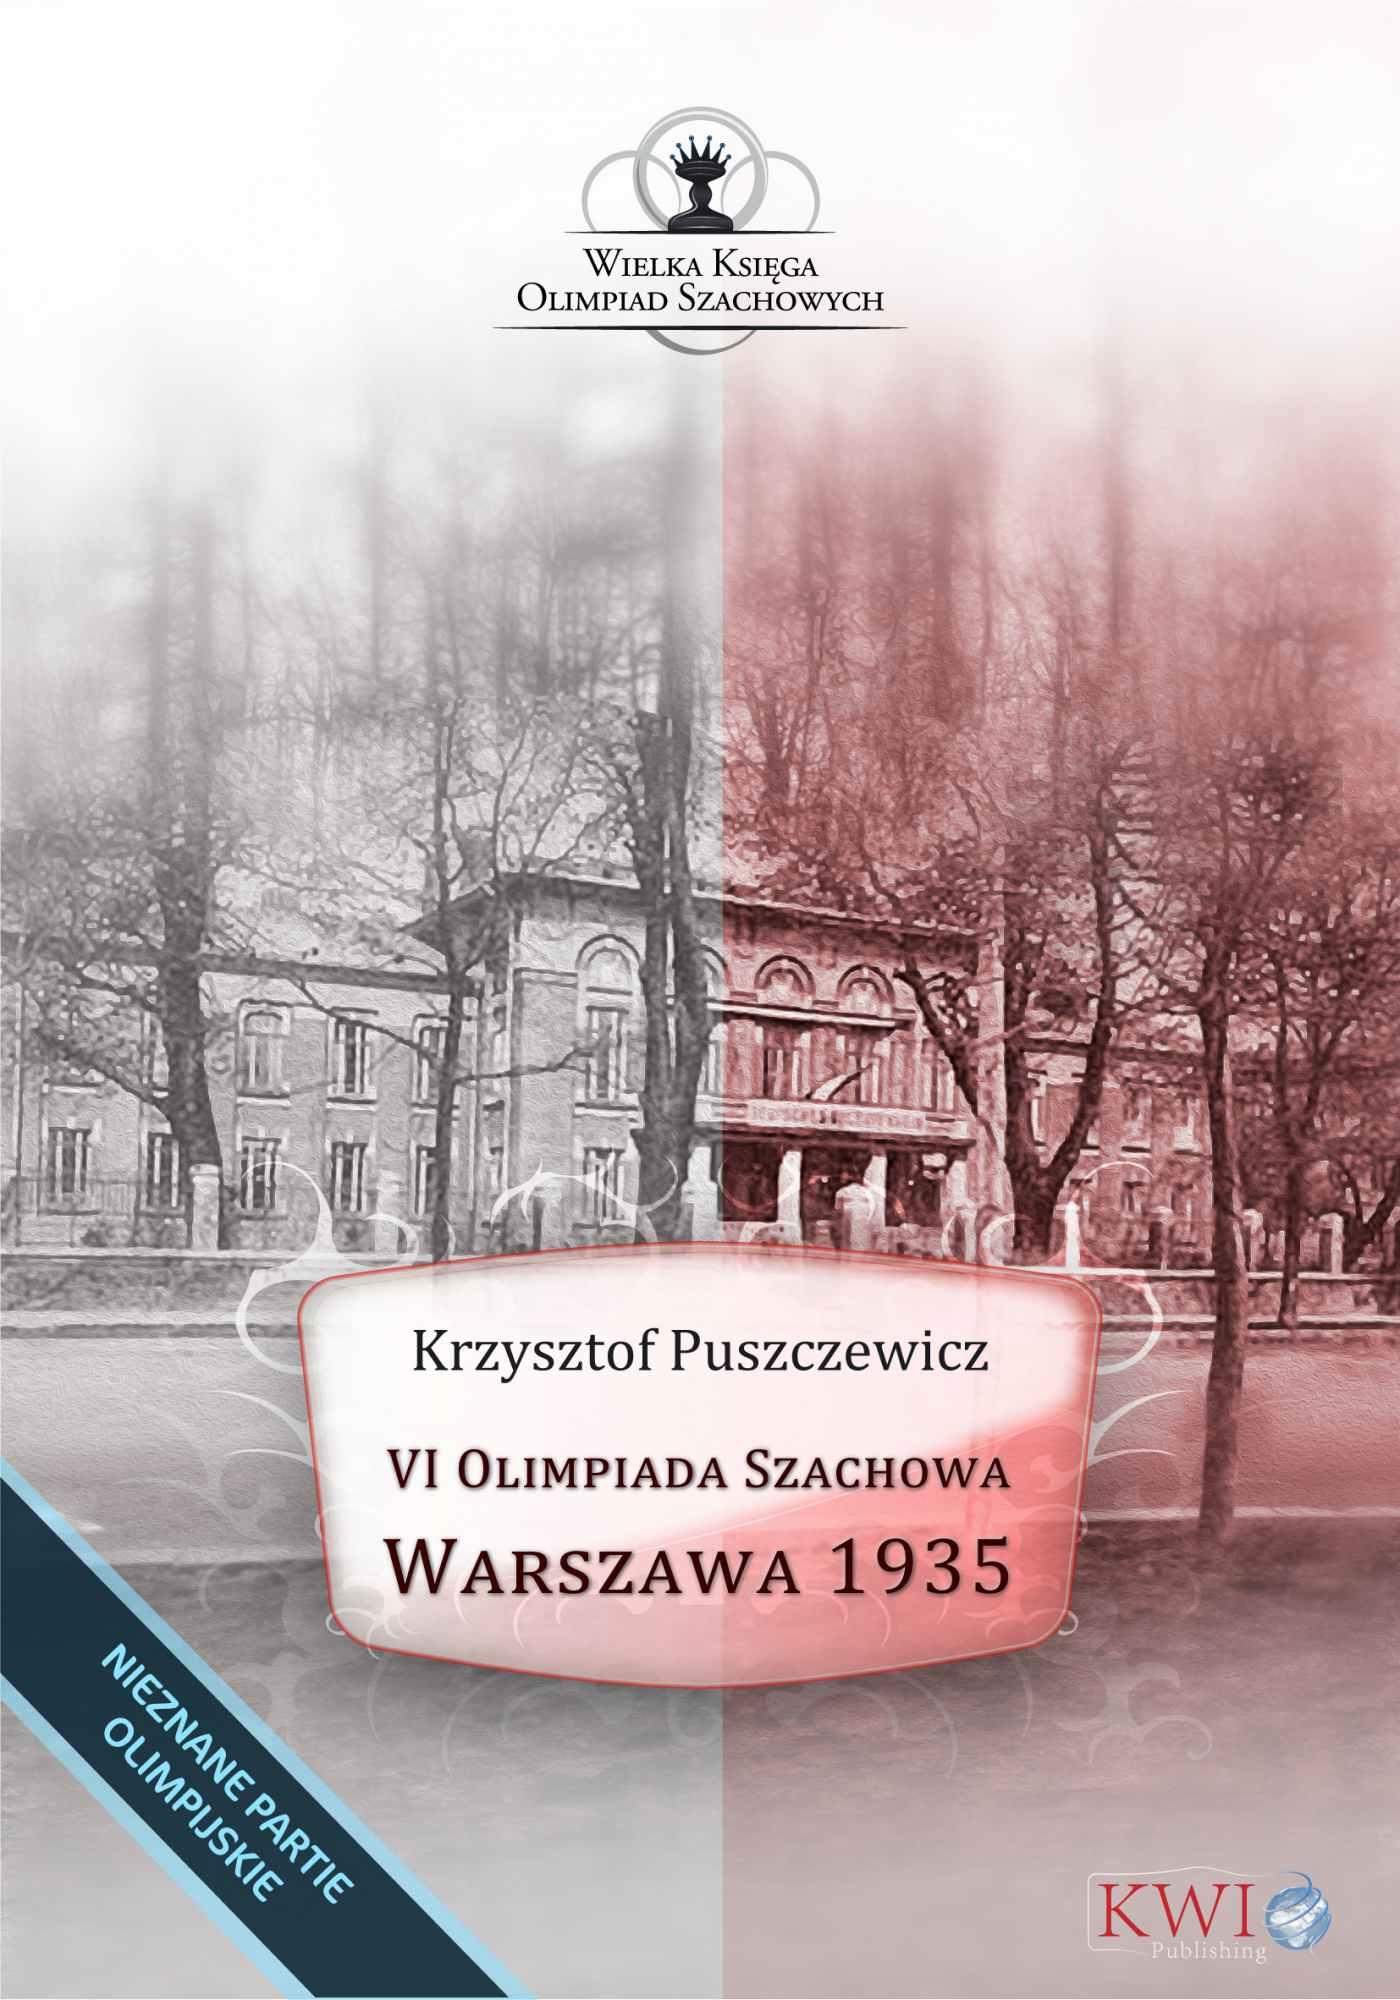 VI Olimpiada Szachowa - Warszawa 1935 - Ebook (Książka na Kindle) do pobrania w formacie MOBI